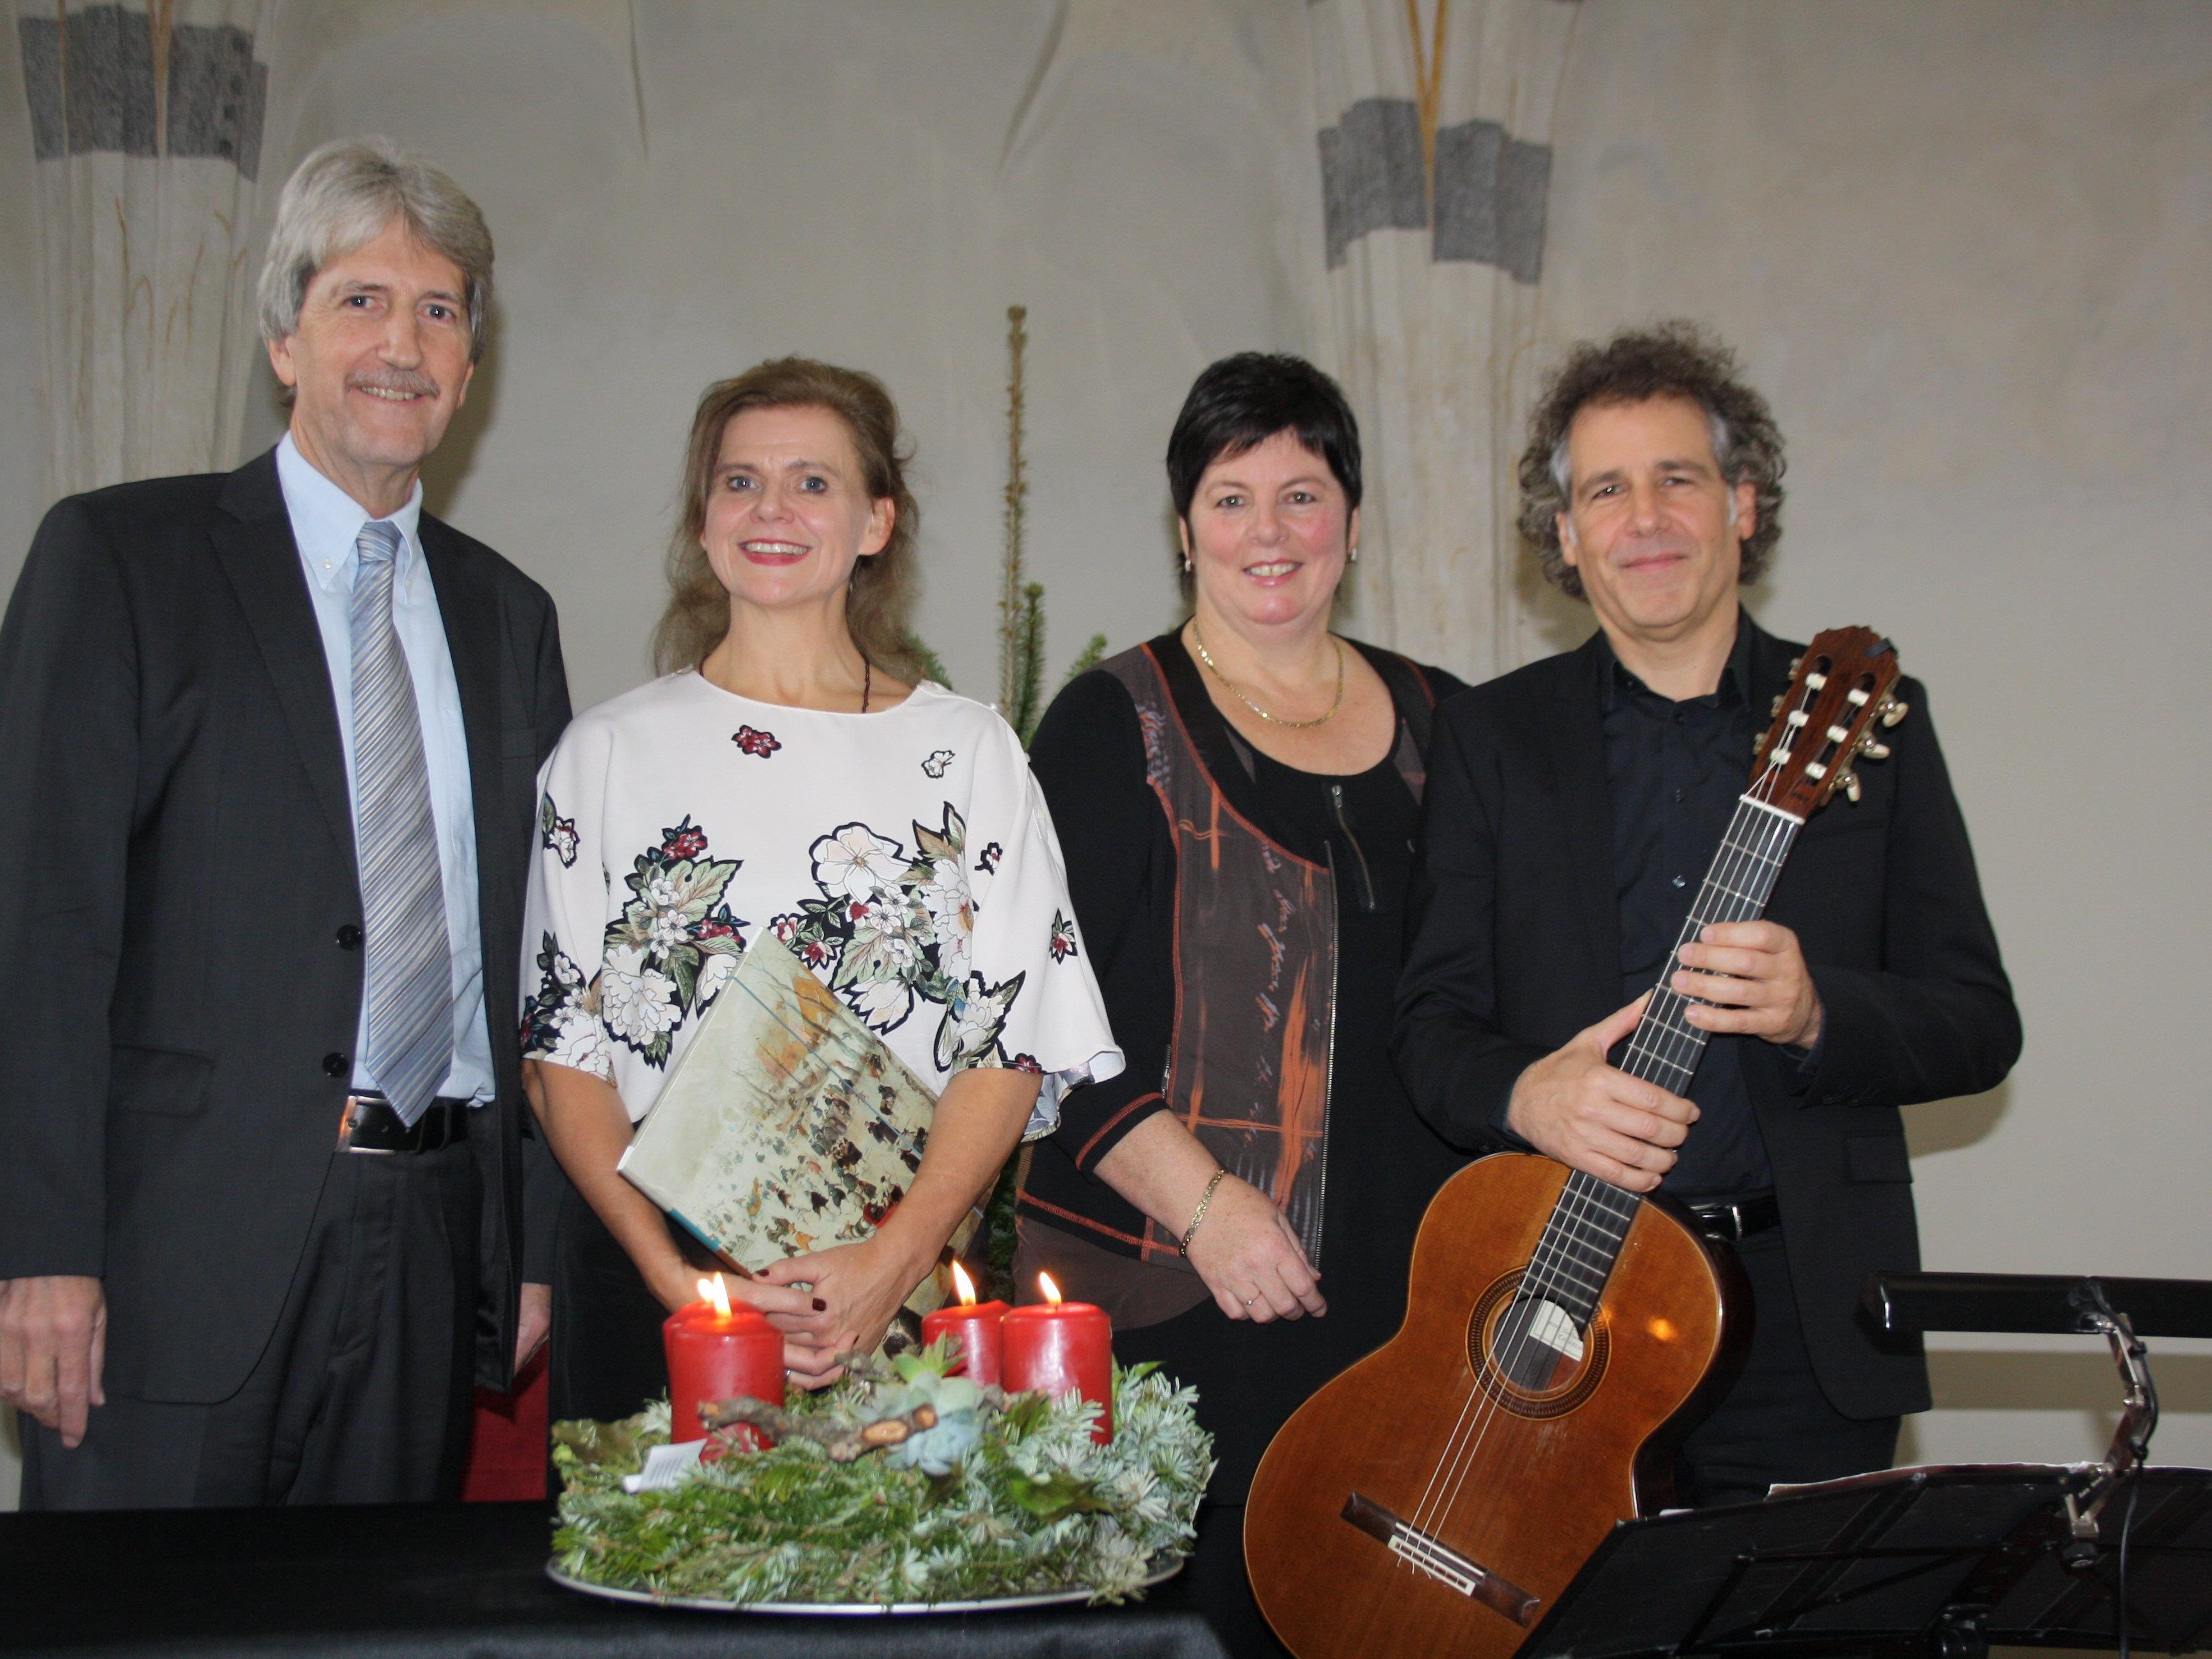 Schloss Hofener Advent: Manfred Obexer (Kulturausschuss), Renate Bauer (Rezitation), Petra Rührnschopf (Obfrau Kulturausschuss) und Alexander Swete (Gitarre).